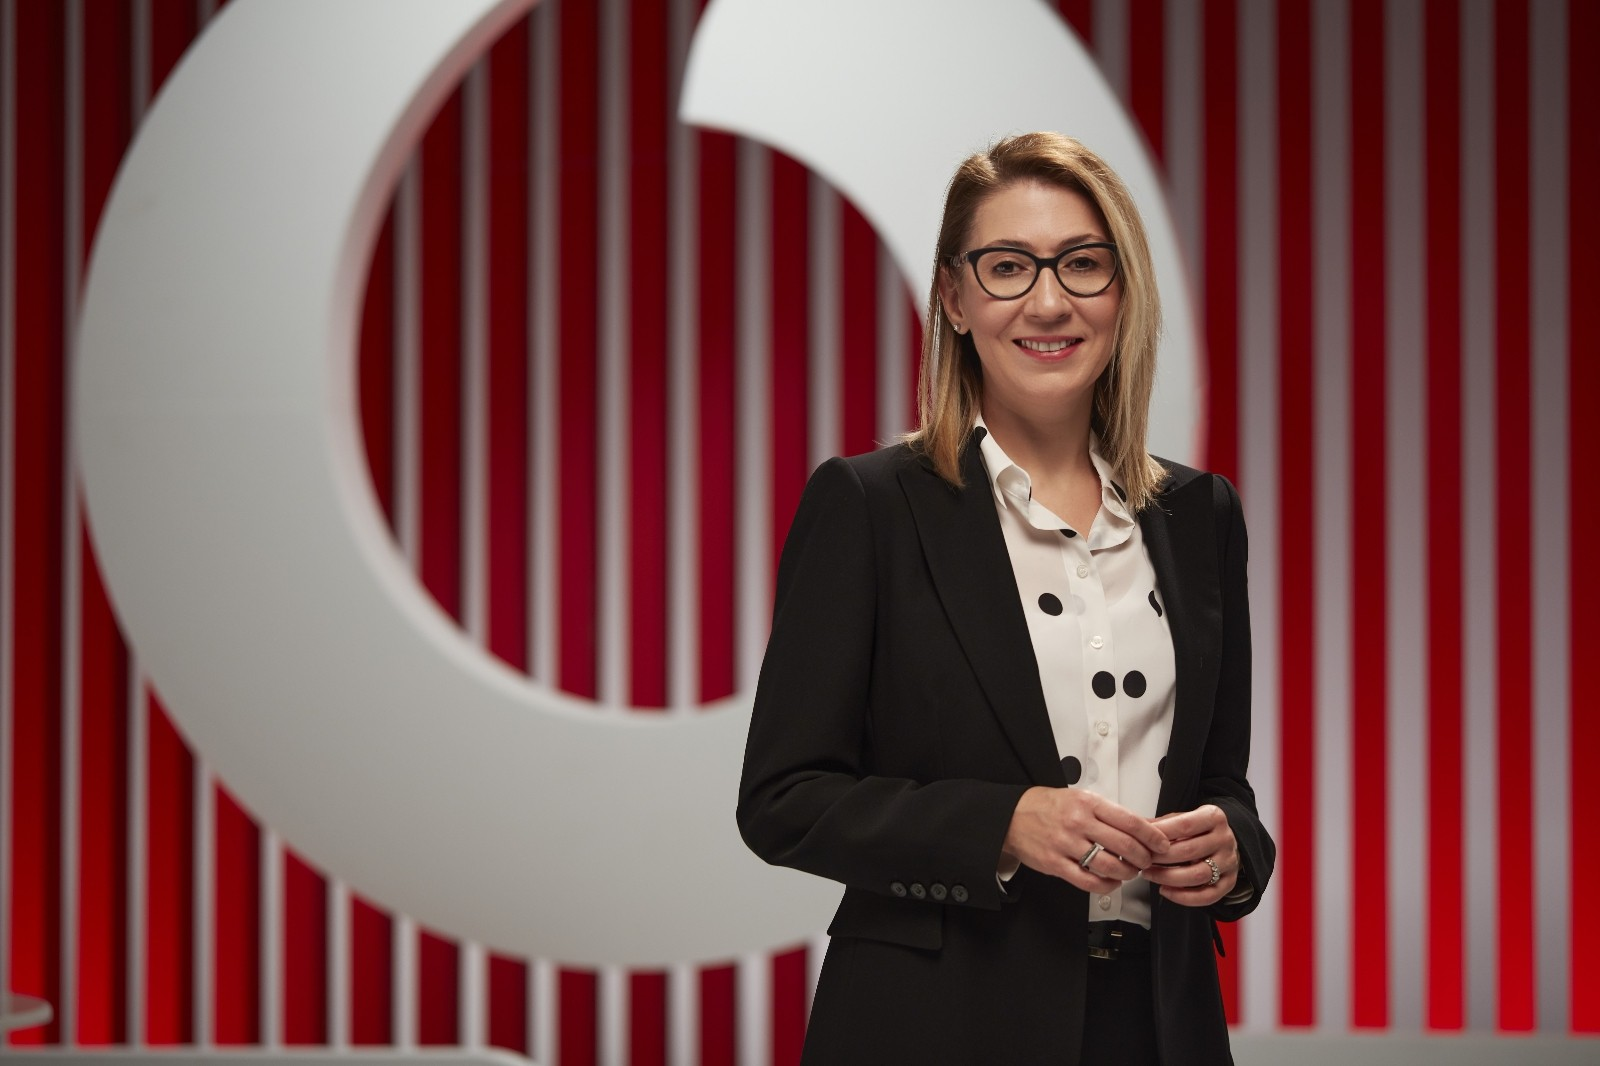 Vodafone, nesnelerin interneti teknolojisinde lider seçildi